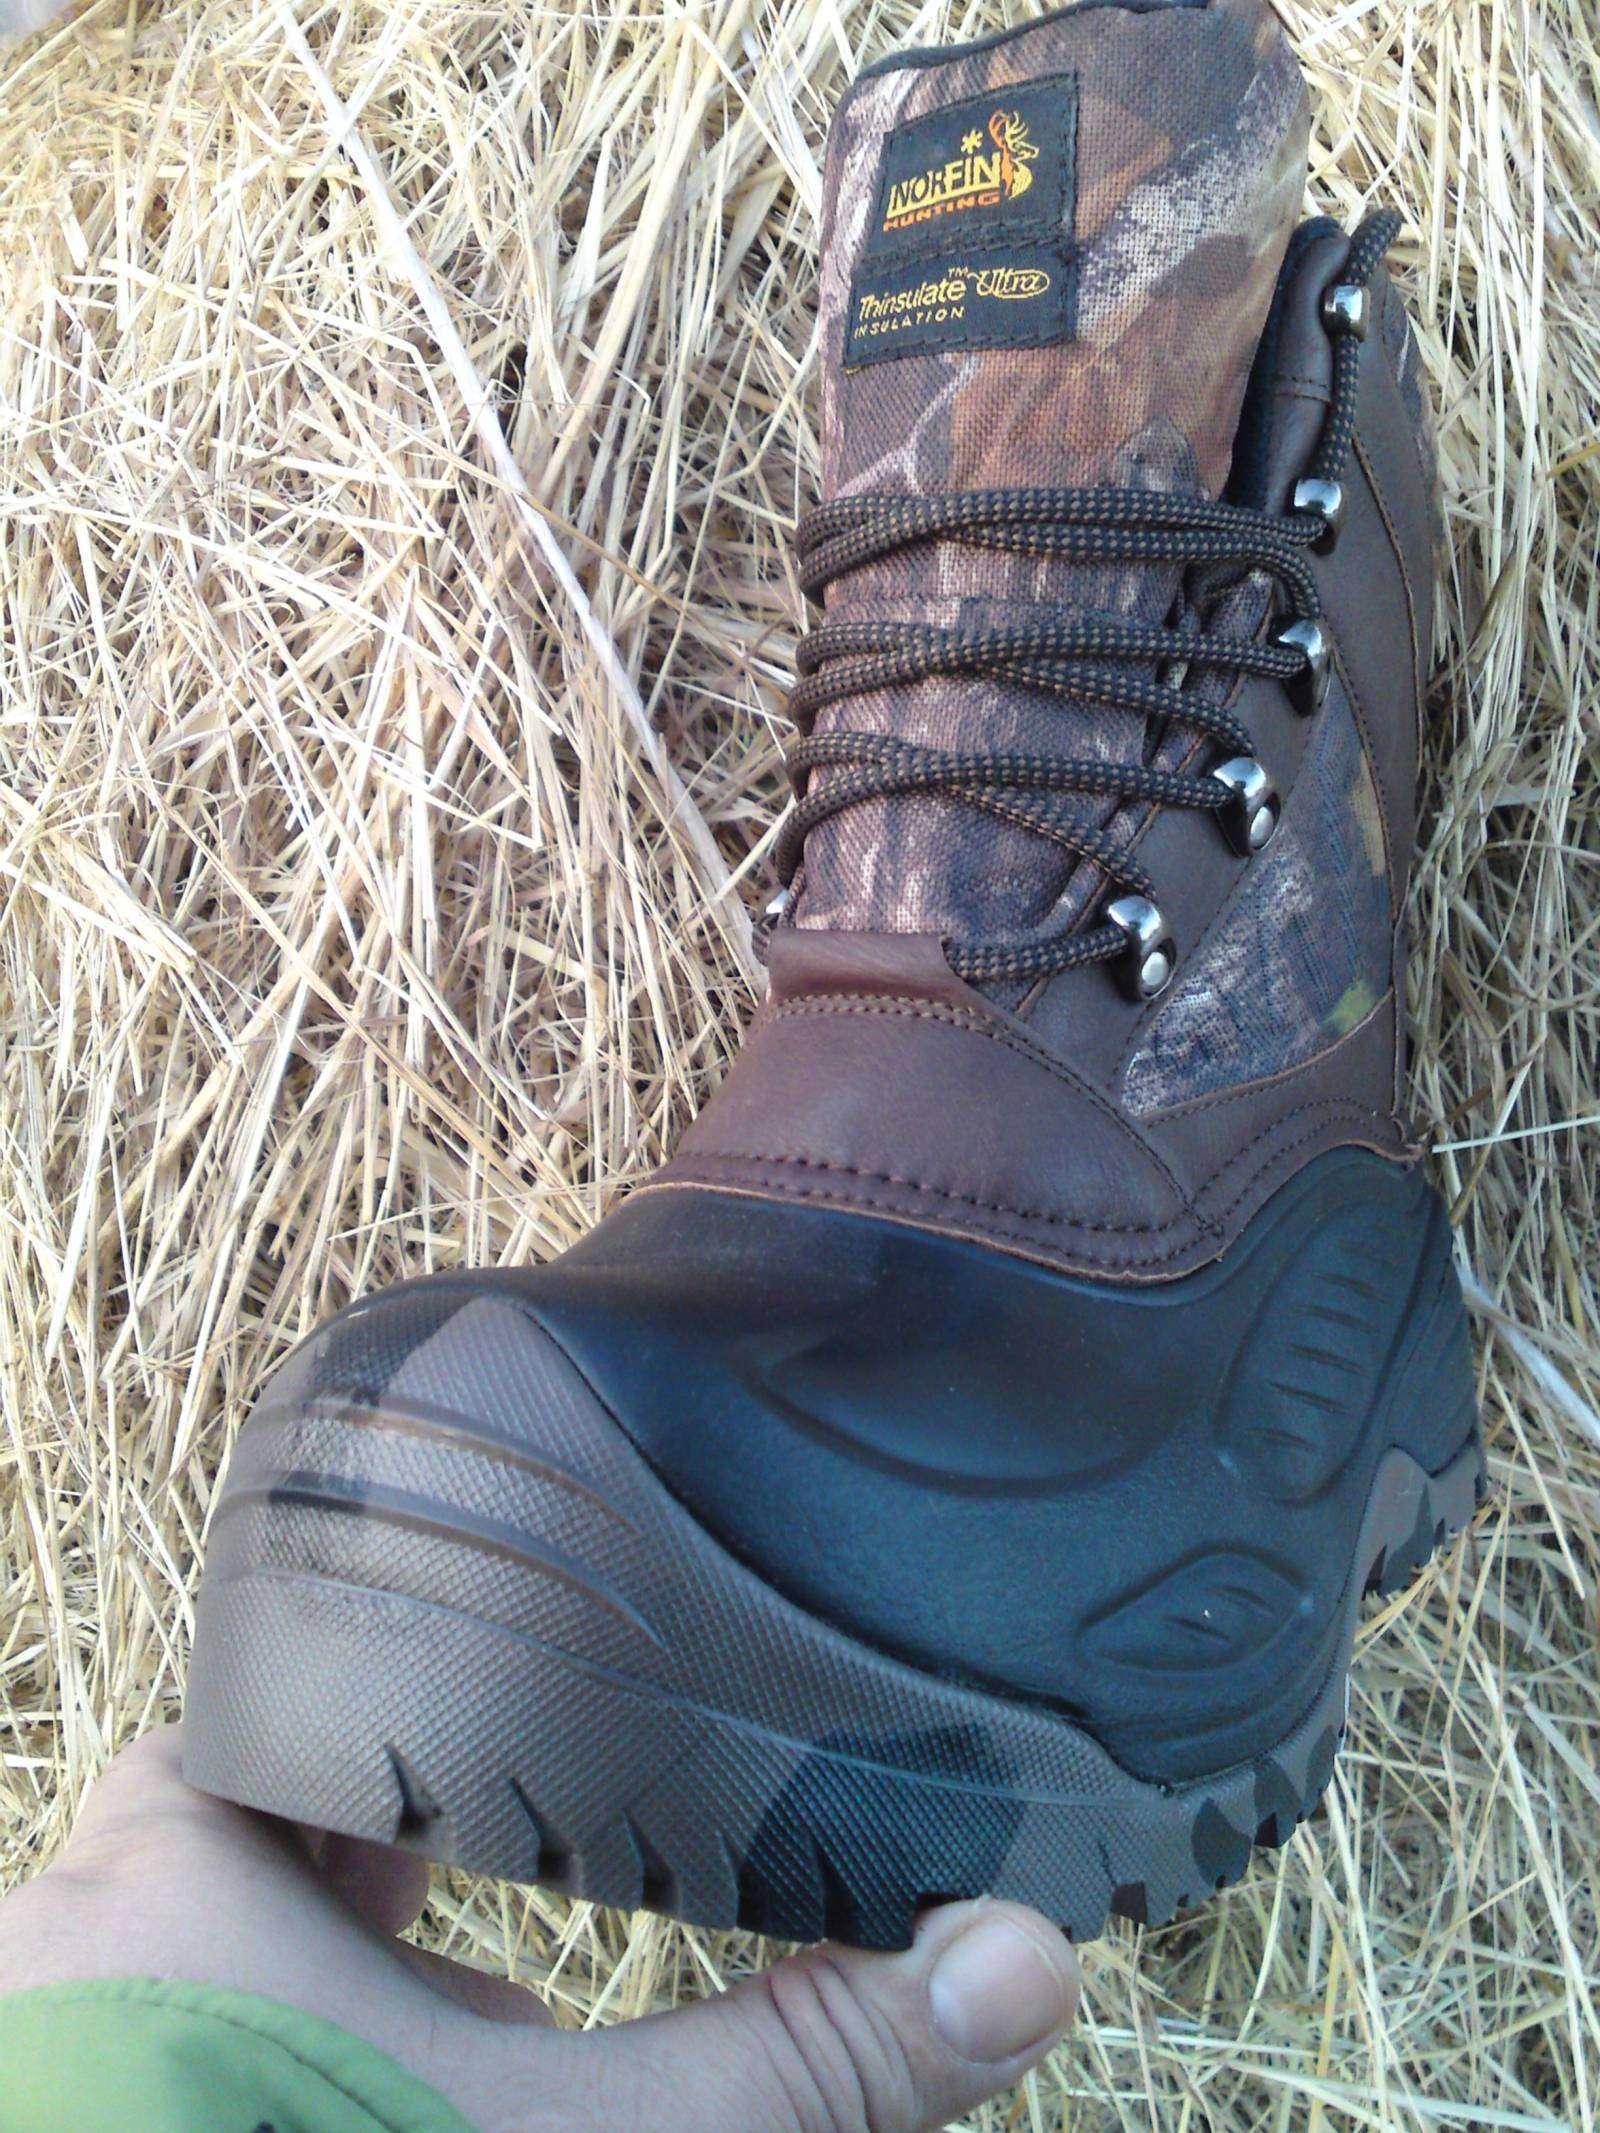 Другие - Украина: Зимние сапоги-ботинки NORFIN HUNTING DISCOVERY для охоты, рыбалки и т.п.